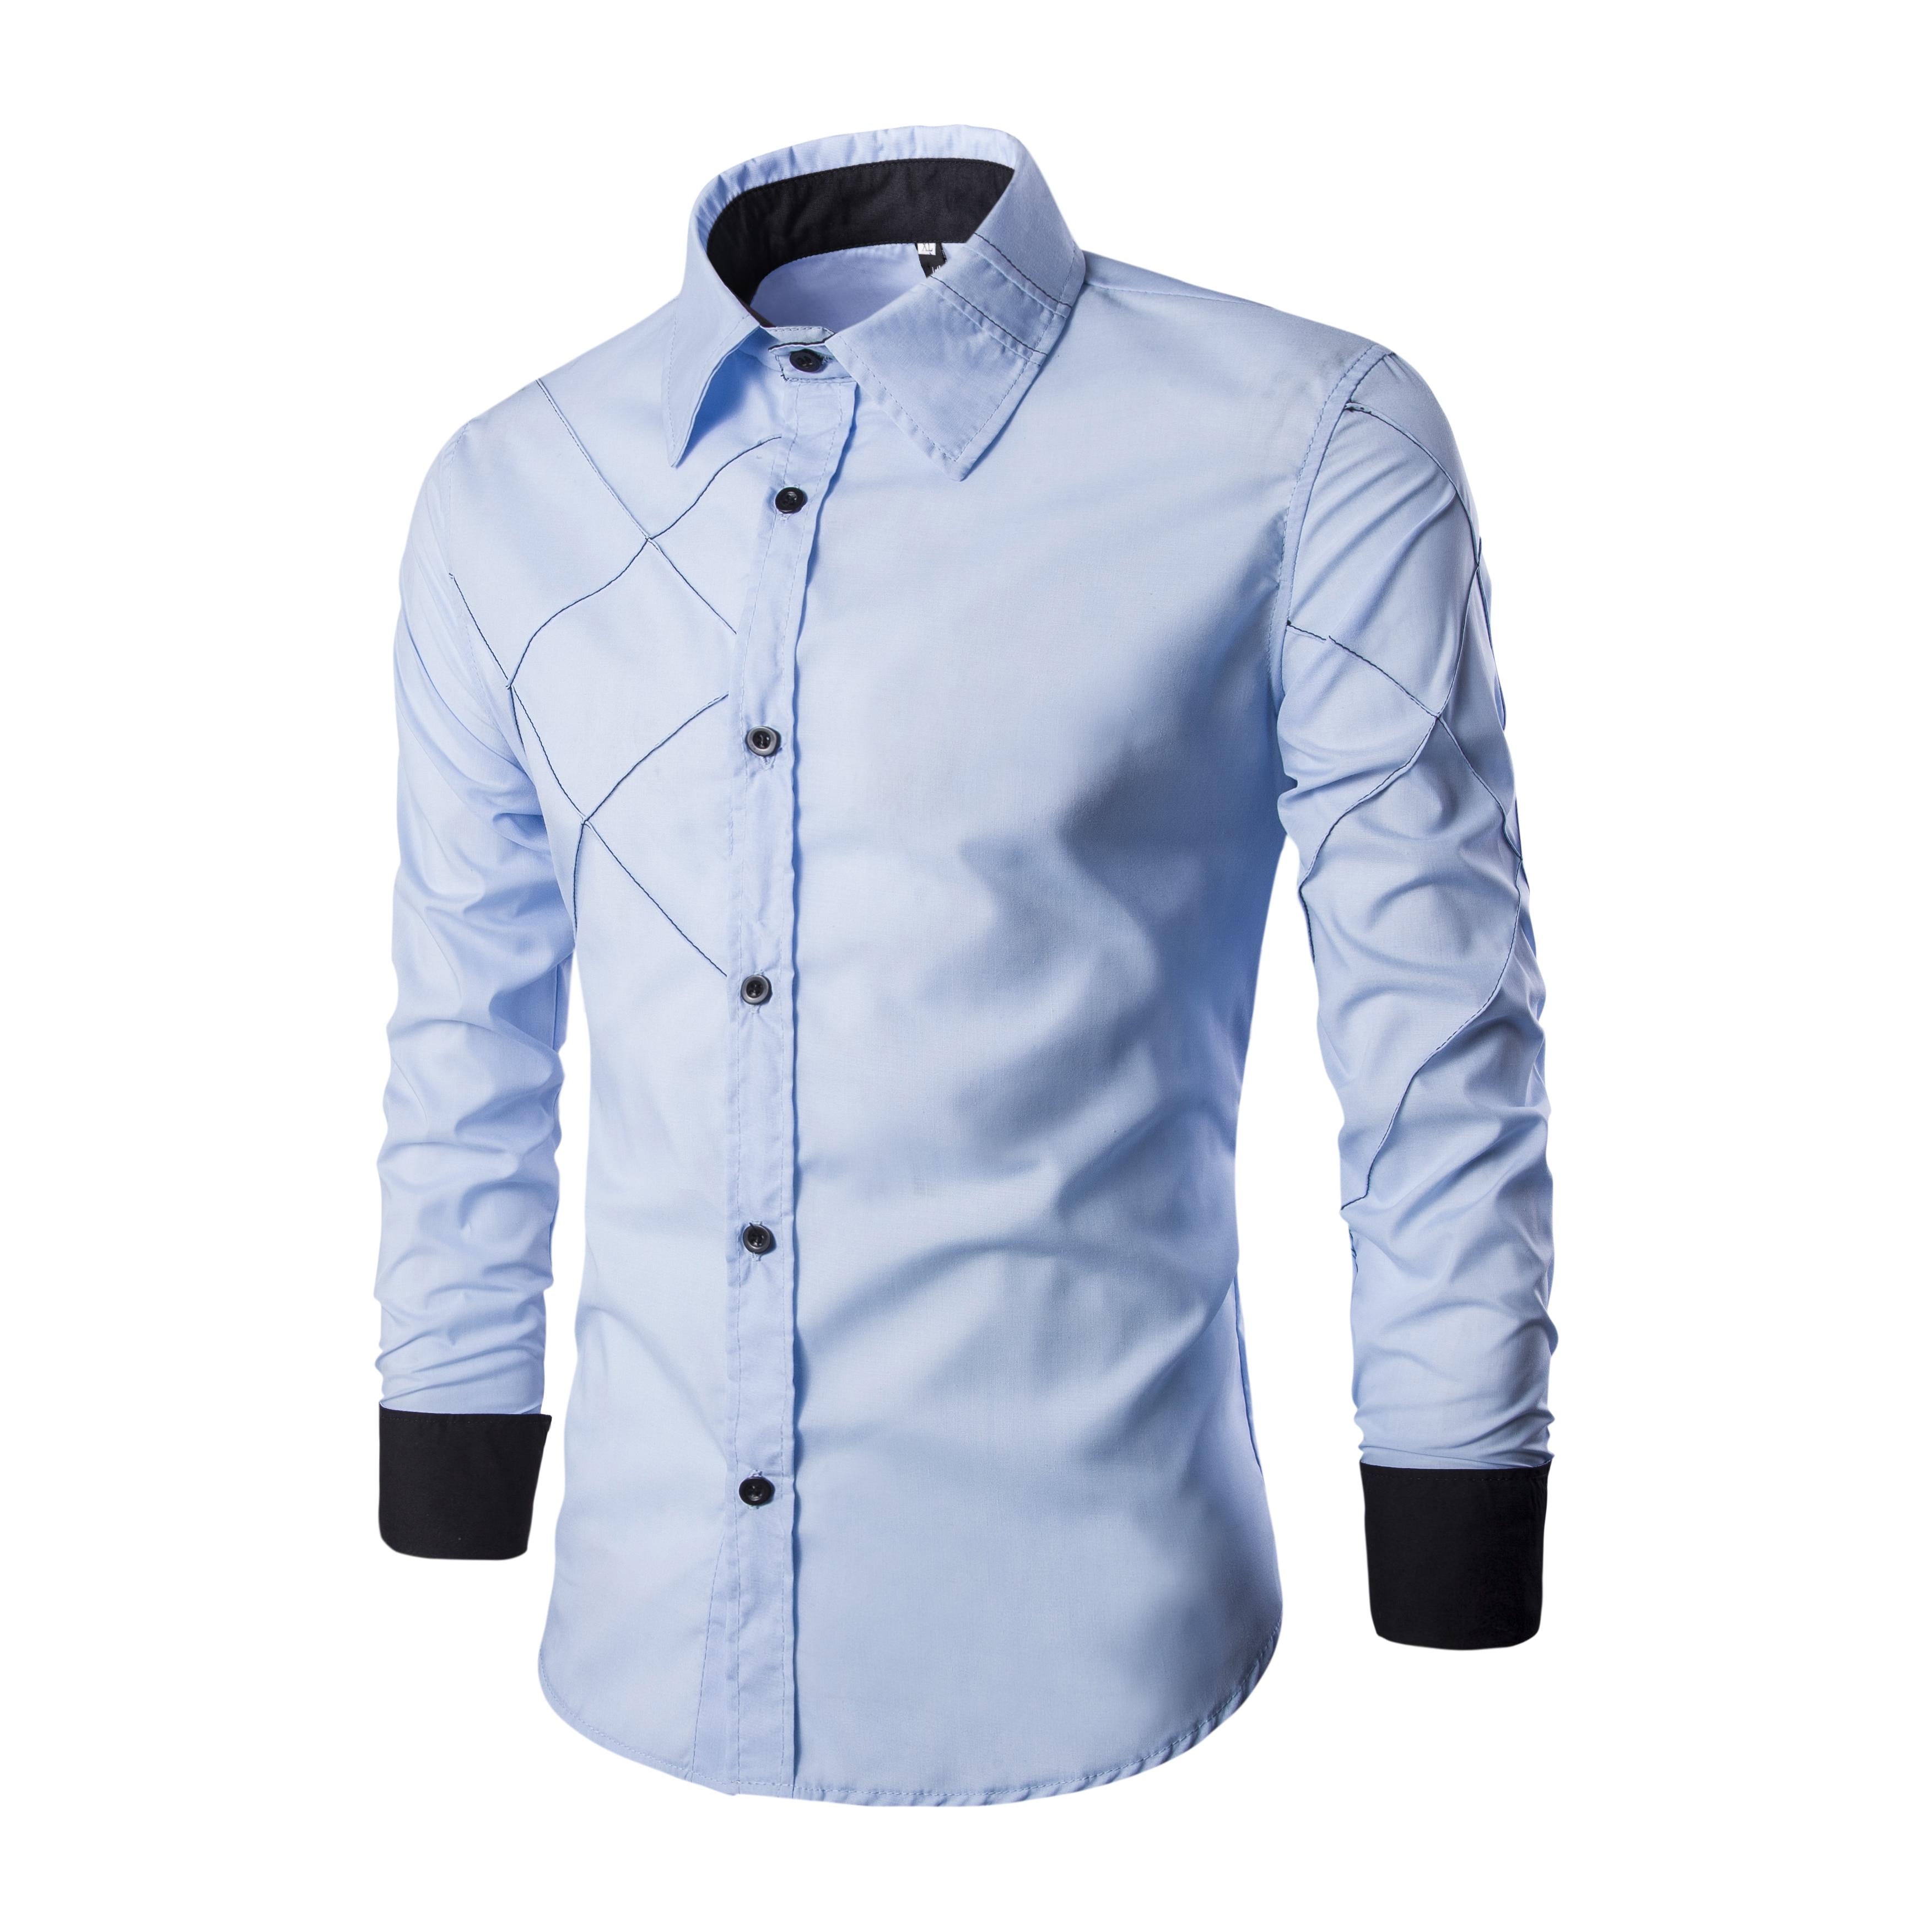 6be6c0ed8e Amazon qualidade drop shipping 2016 new mens camisas de vestido moda camisa  de manga longa homens slim fit casual clothing em Camisas casuais de Dos  homens ...